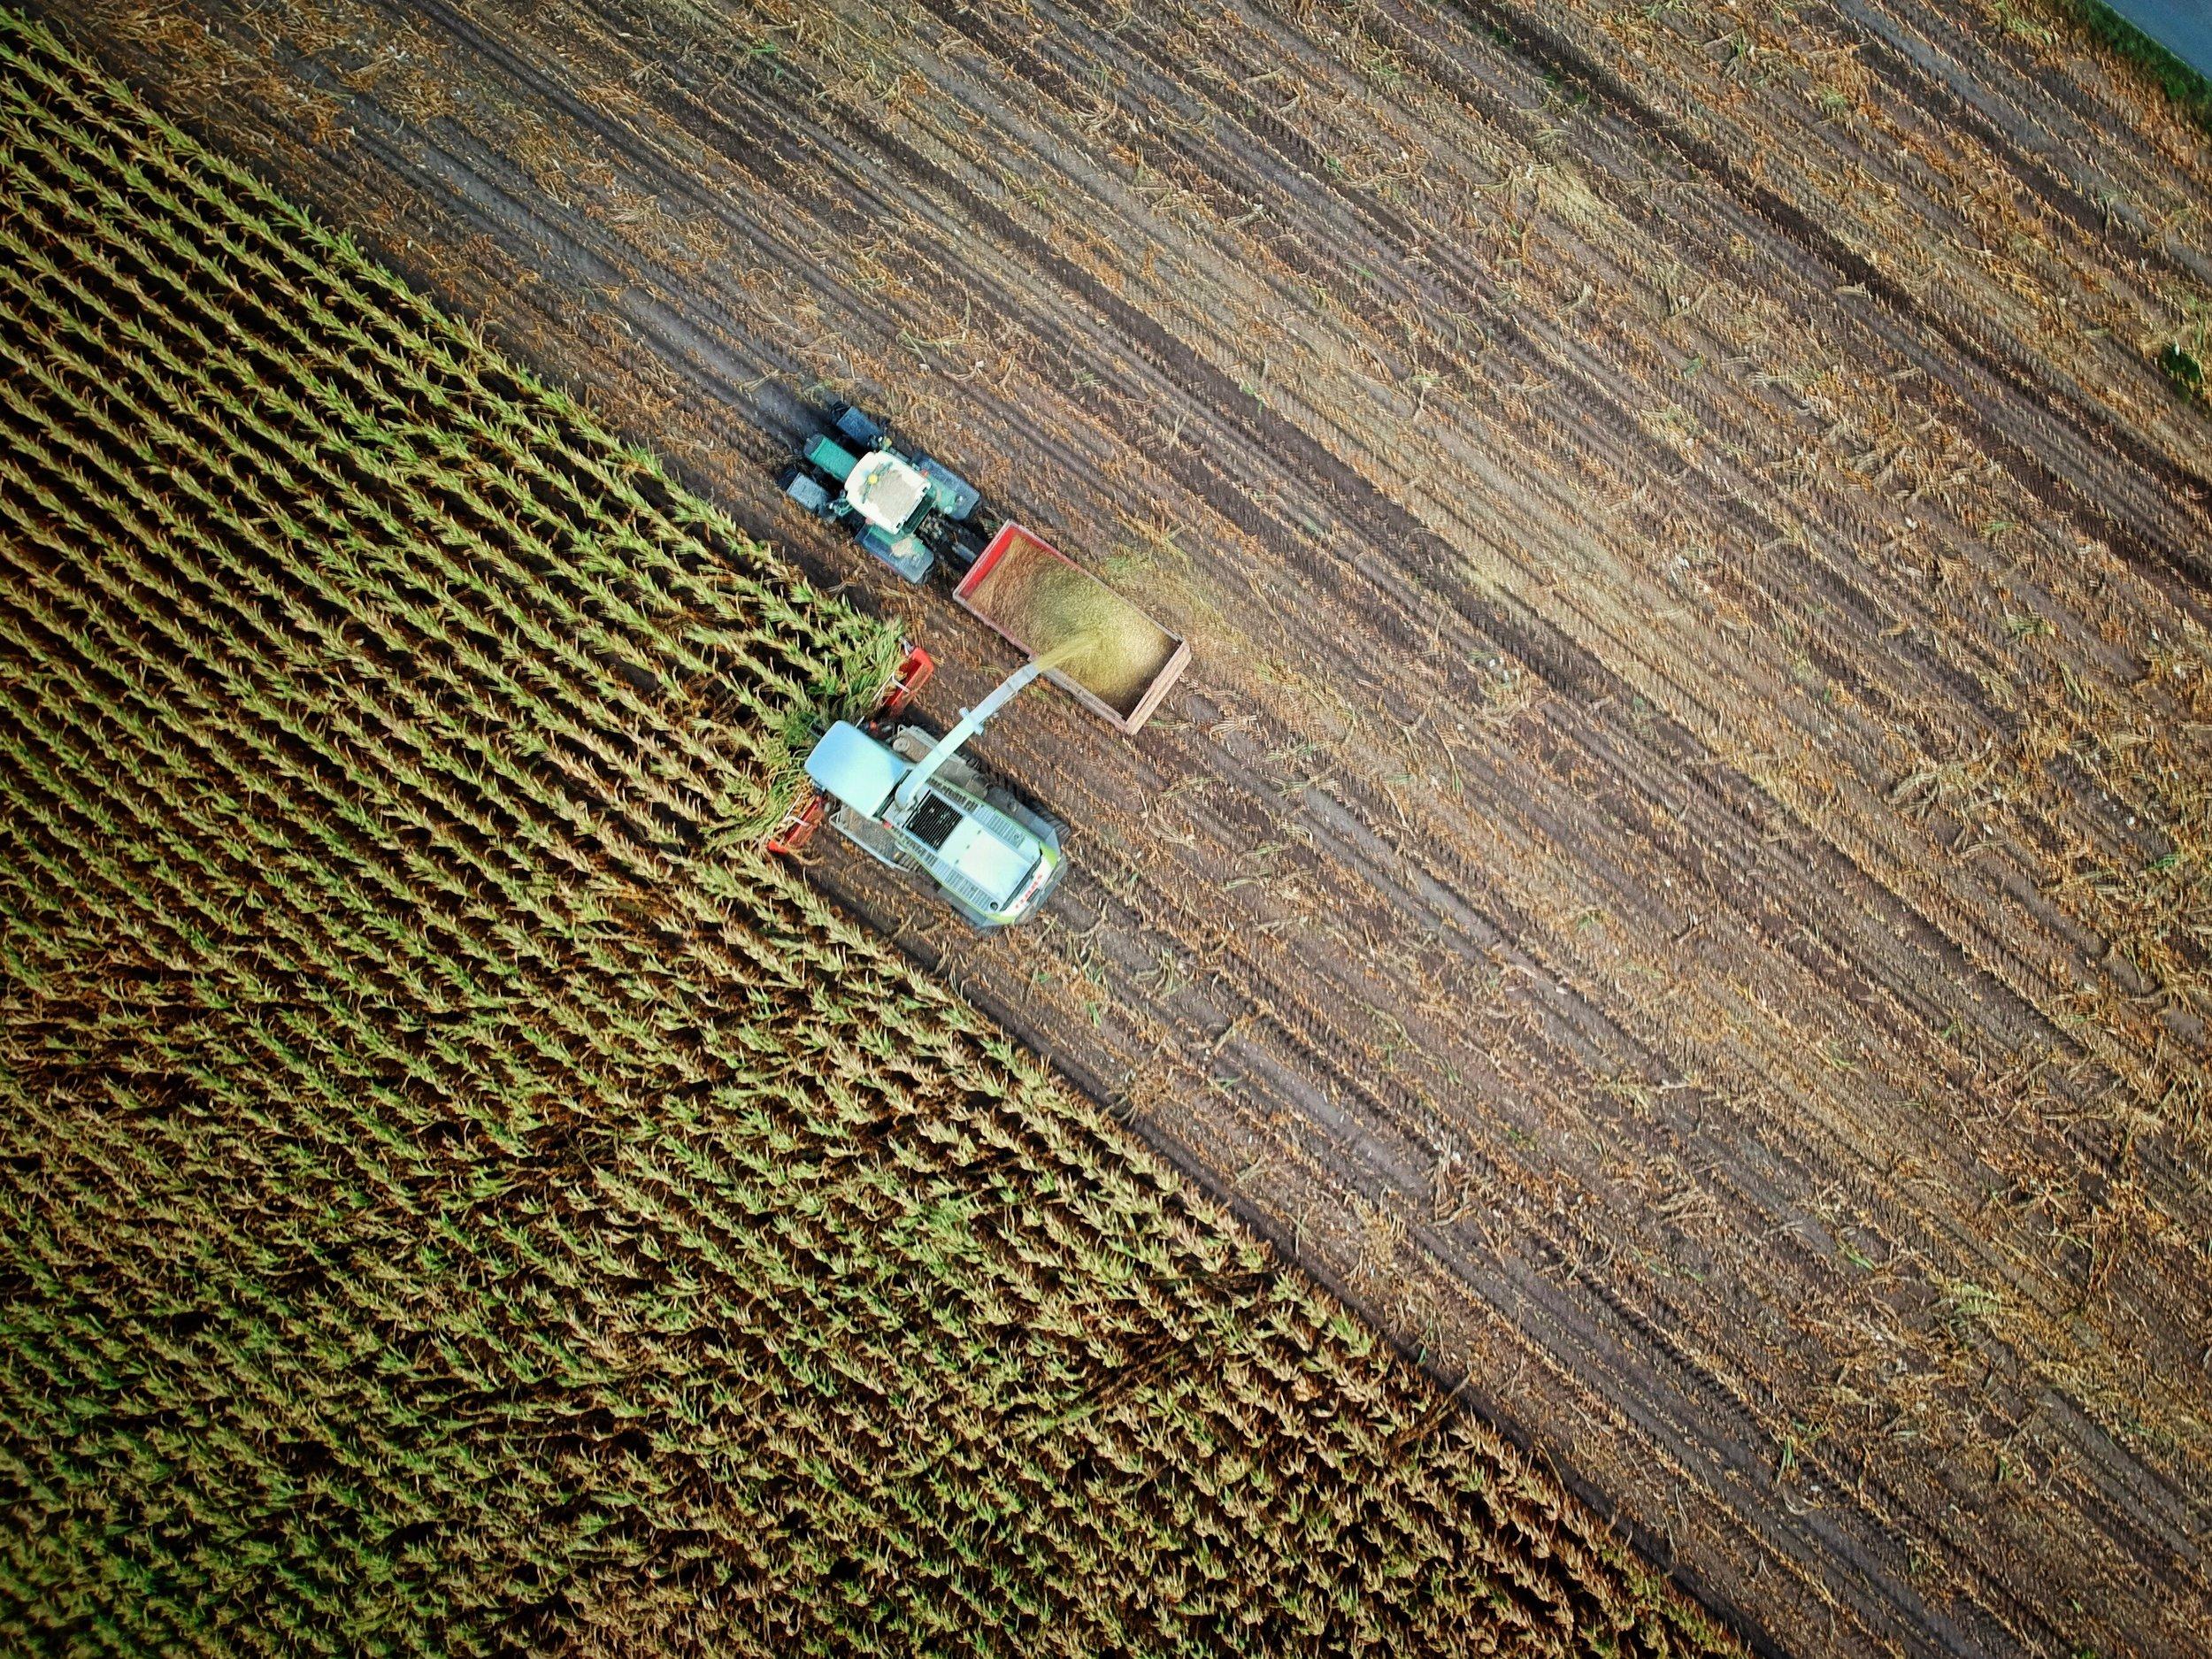 Speakers:  Jane Hunter BSc (Hons), CILA, DIP CII, BDMA Ins Tech  Loss Adjuster - Agricultural, Rural Industries & Estates Losses (ARIEL)  Crawford & Company Adjusters (UK) LTD   Max Perris BPREA, Cert CILA  Agricultural Consultant  Crawford & Company Adjusters (UK) LTD